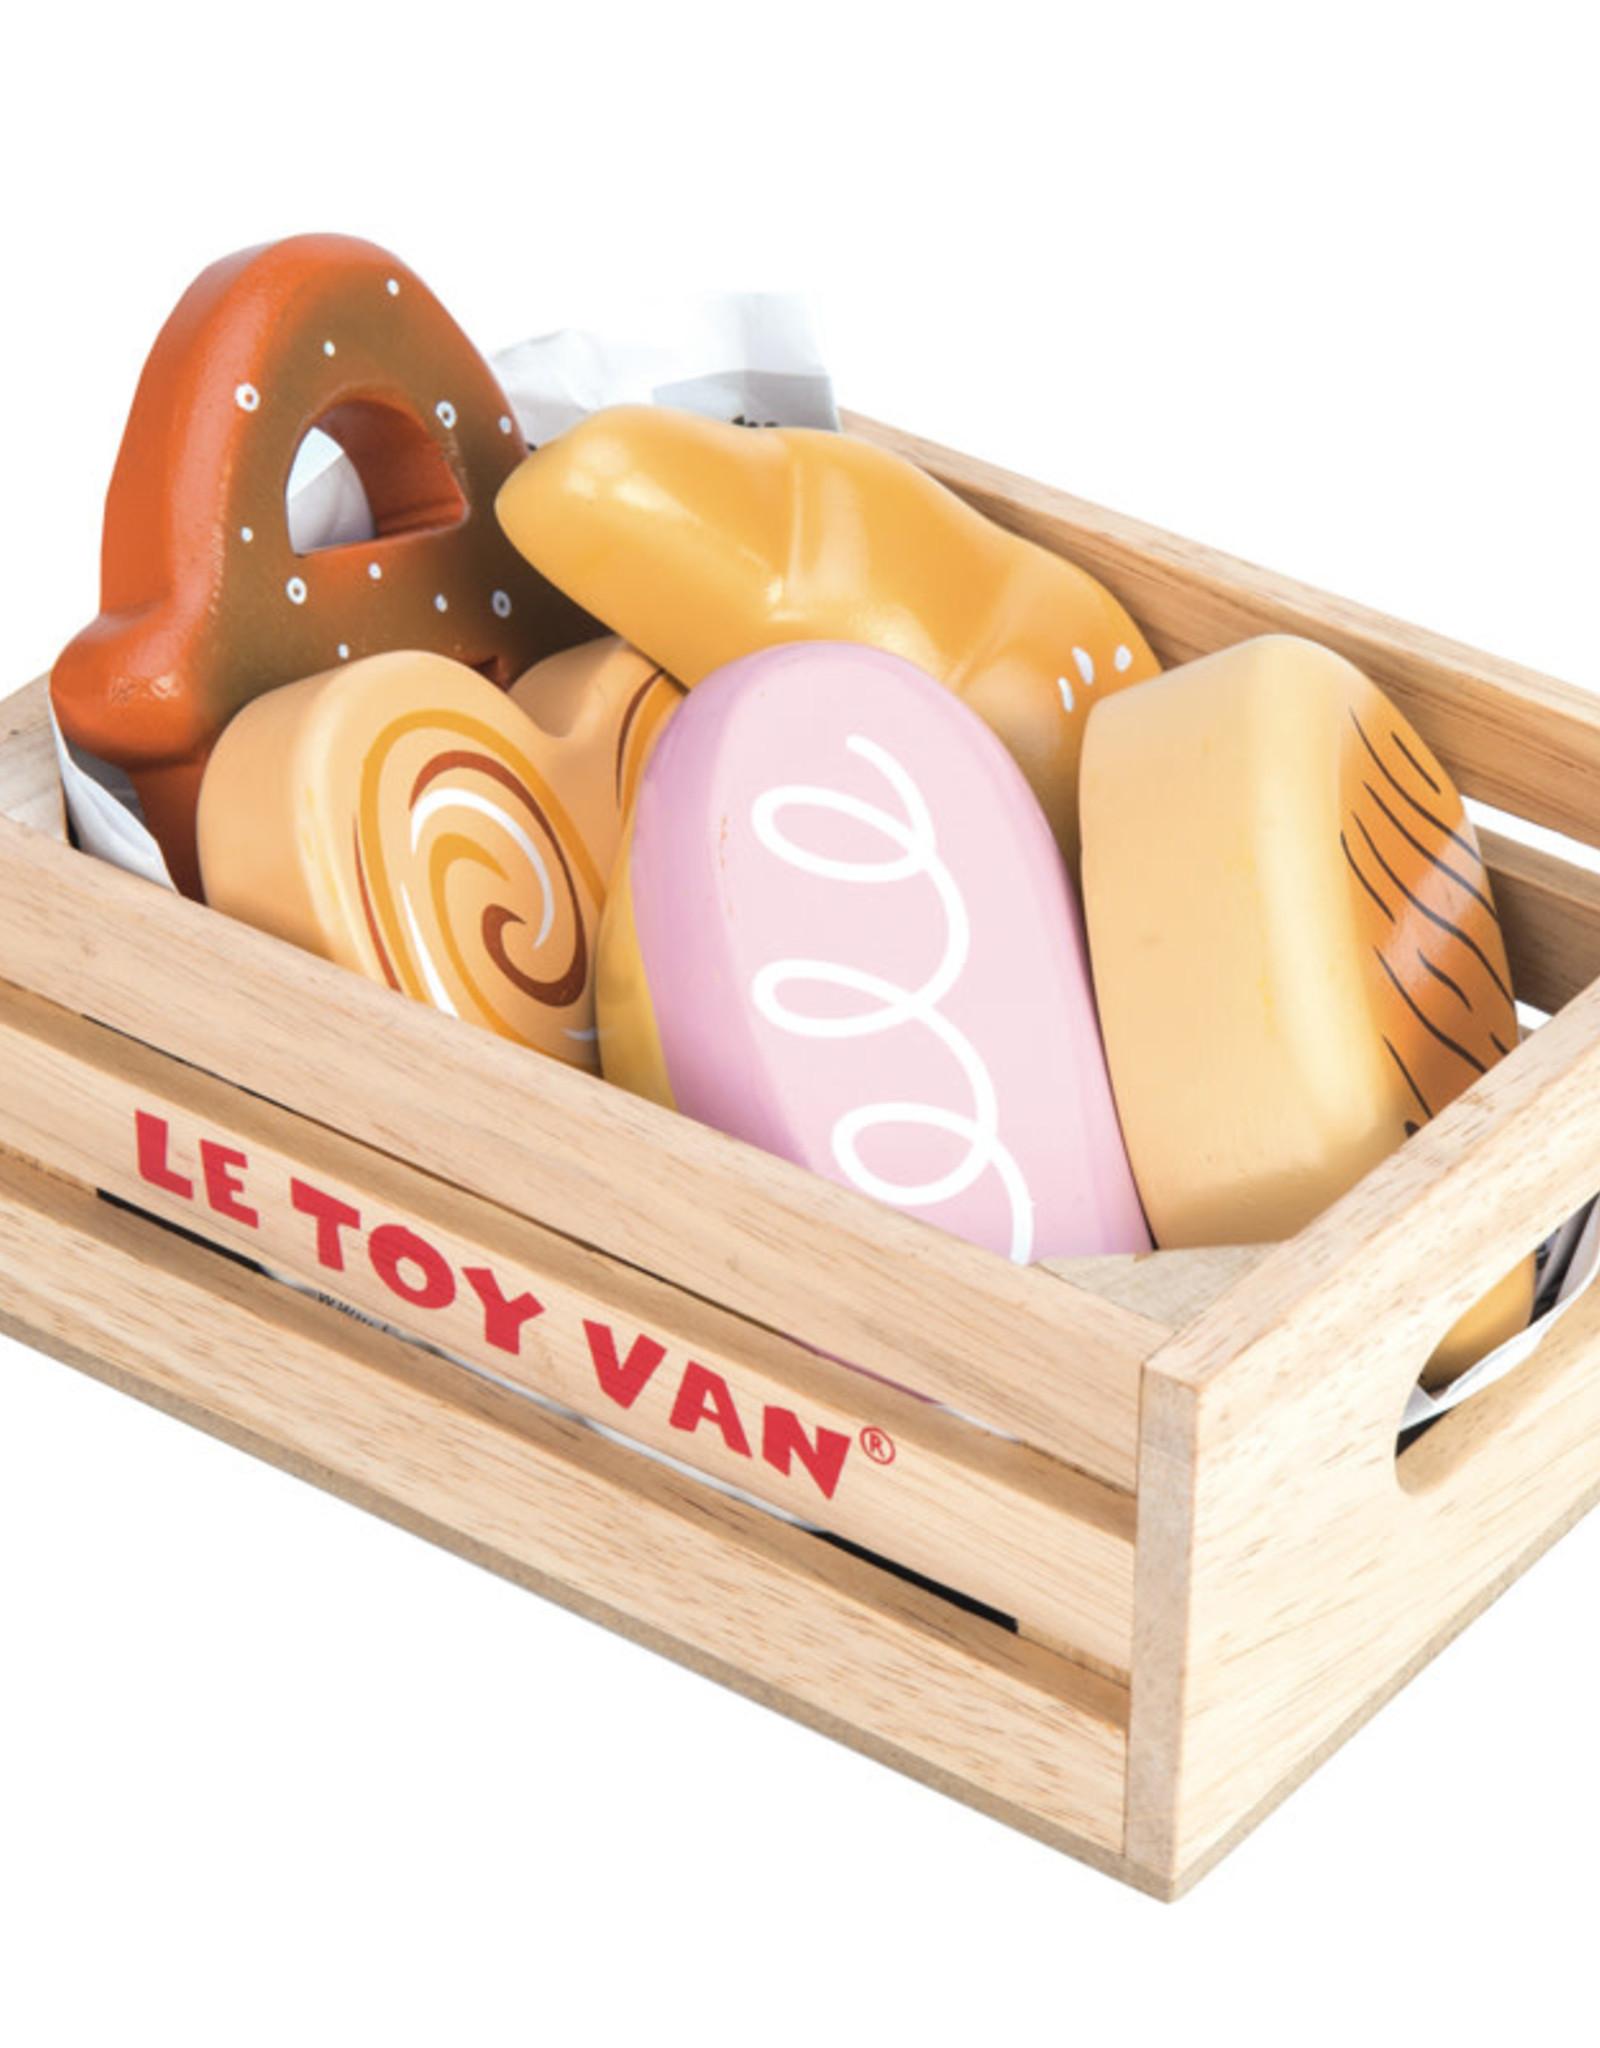 Le Toy Van Le Toy Van - Bakers Basket